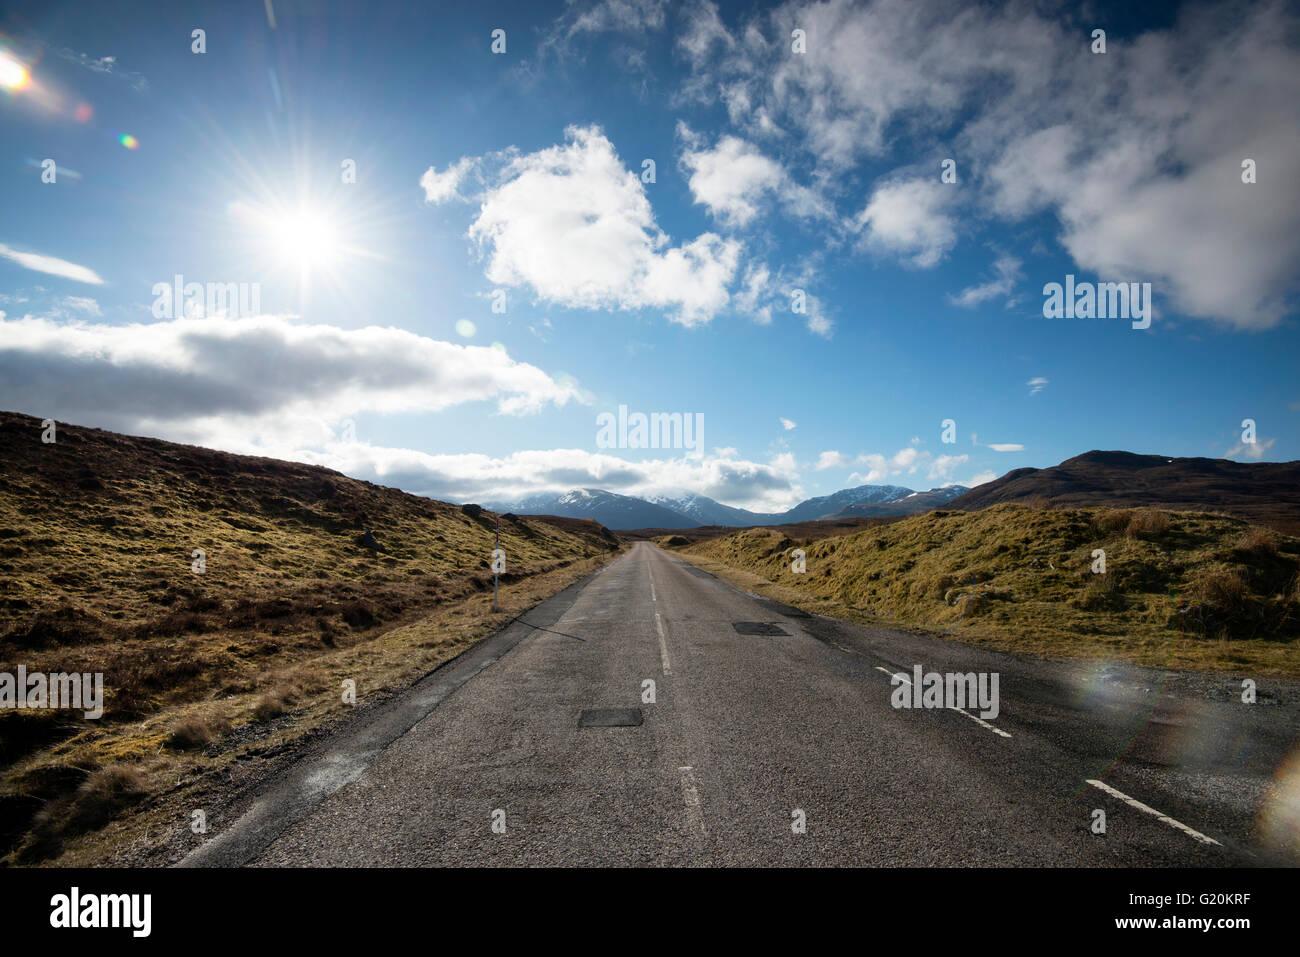 Nubes blancas mullidas e interminable camino abierto en la A832 en el extremo noroeste de Escocia, Reino Unido Foto de stock